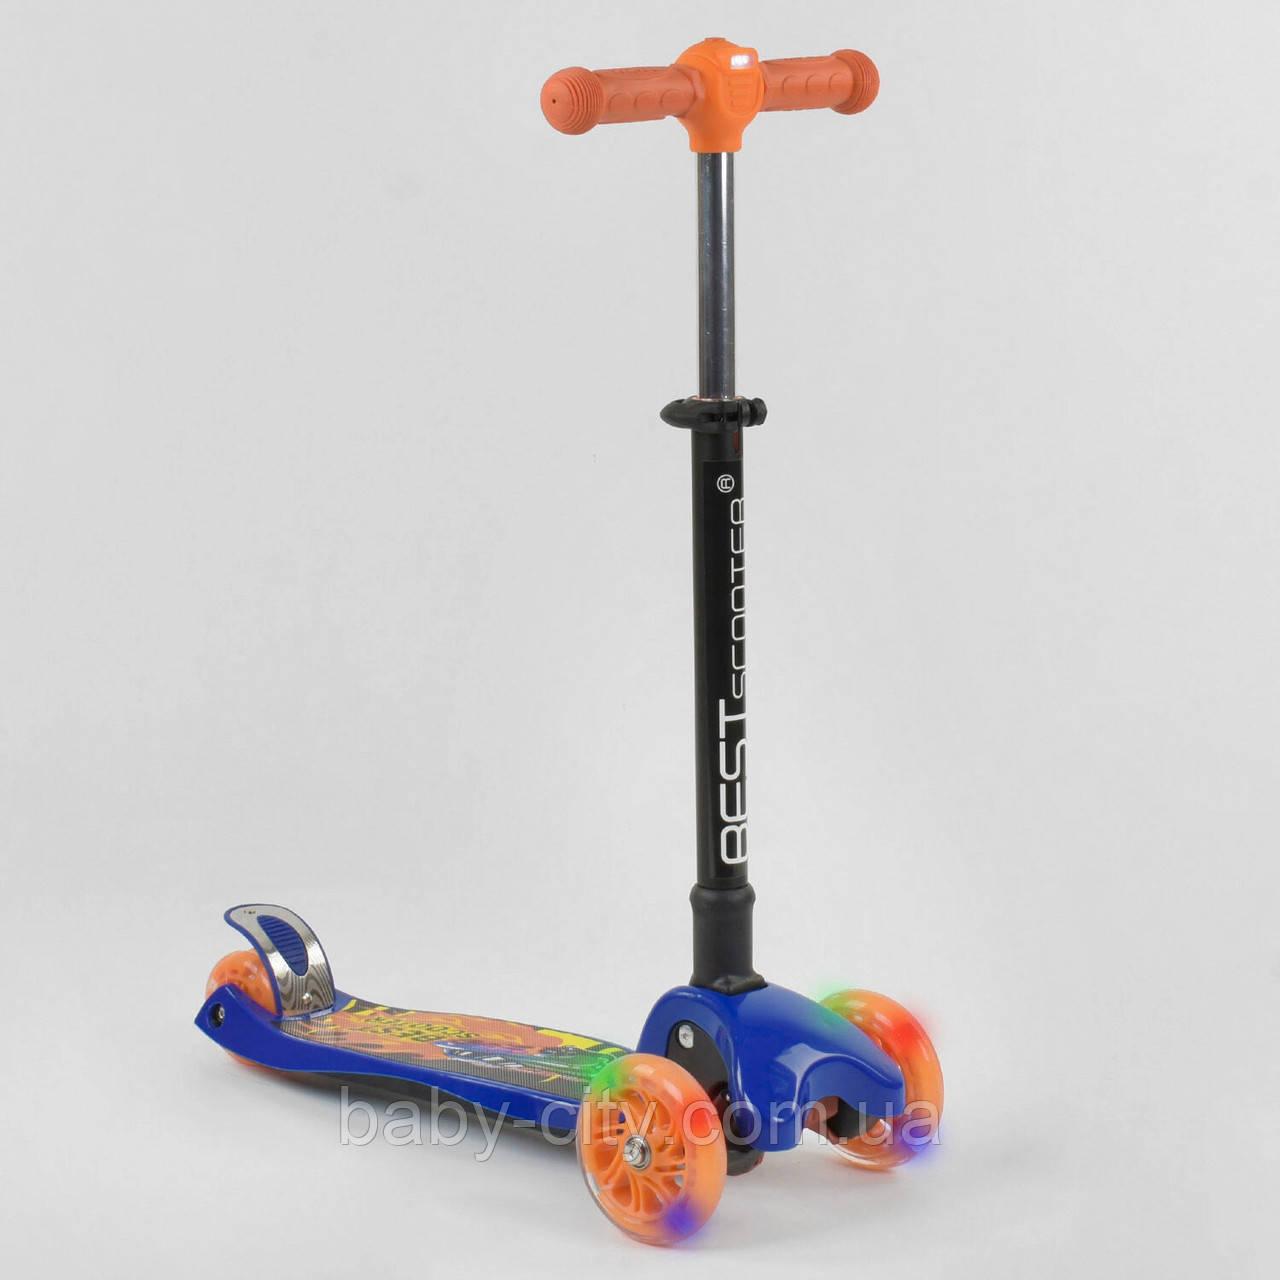 Детский трехколесный самокат с складной ручкой Best Scooter 98533 Синий с фонариком